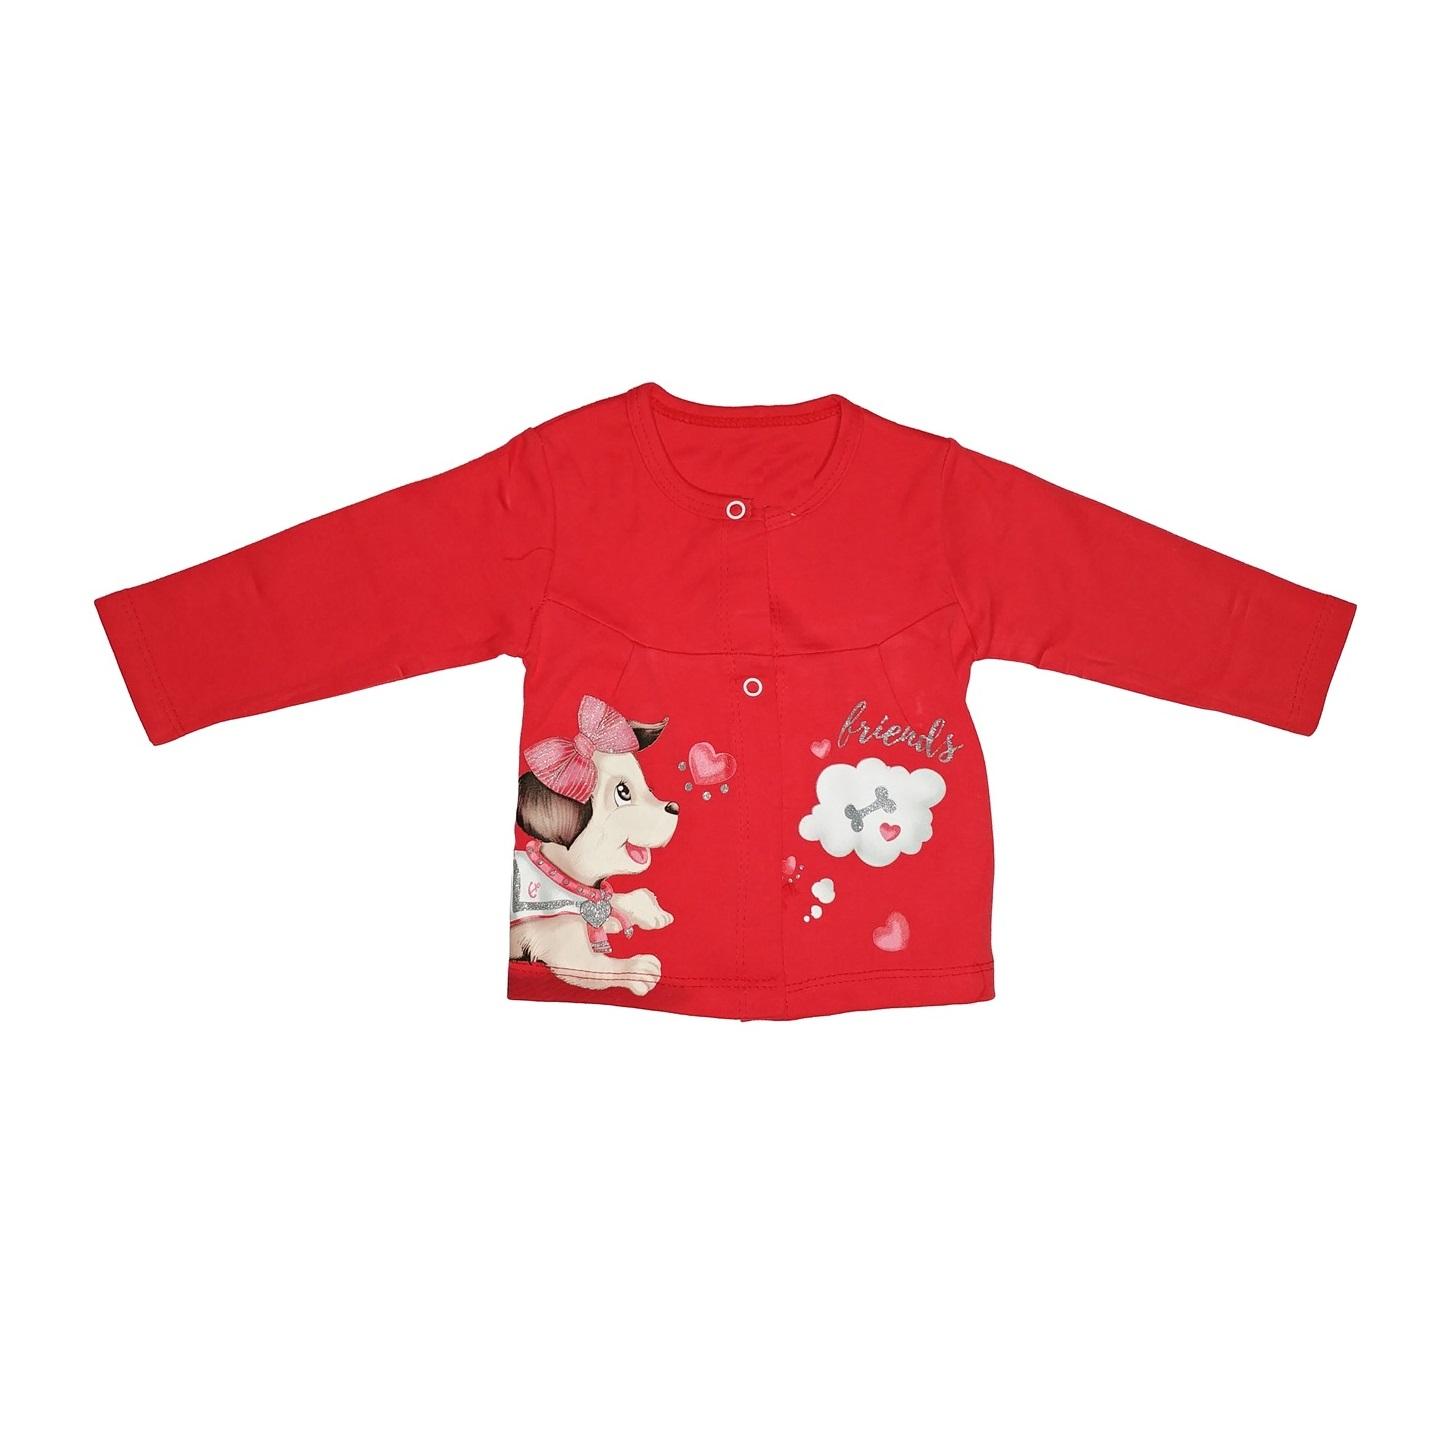 ست 3 تکه لباس نوزاد طرح سگ کد 5555